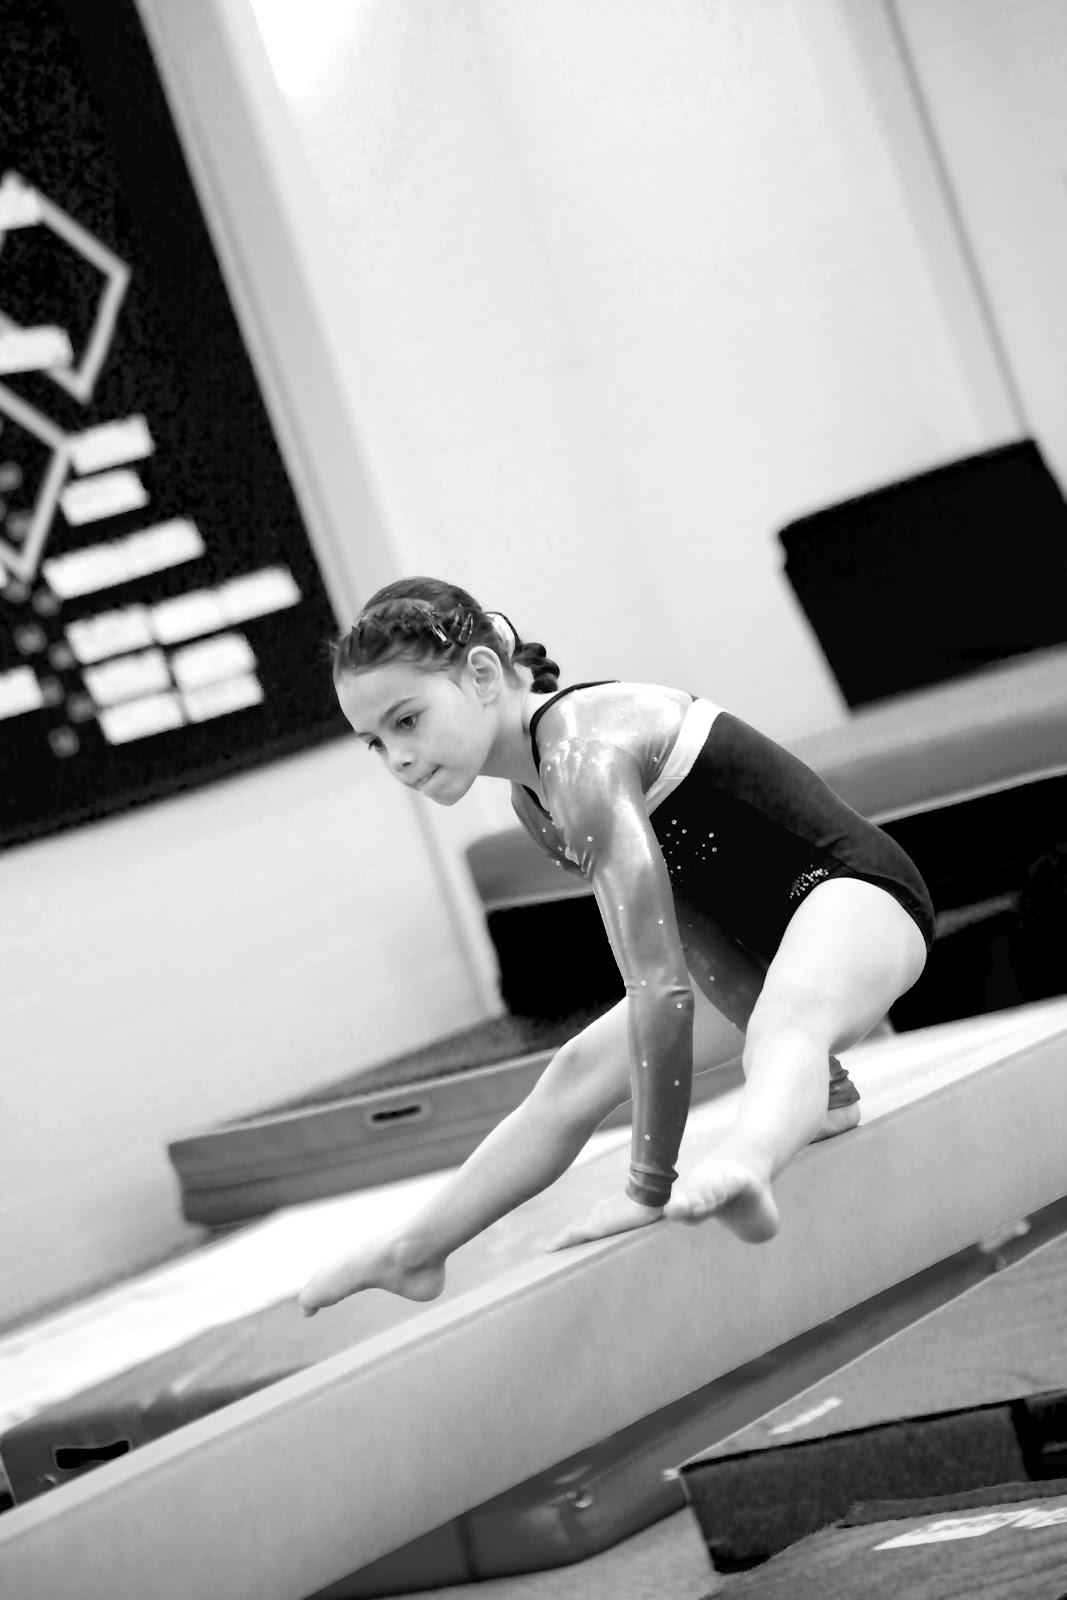 twistars gymnastics meet 2012 ford